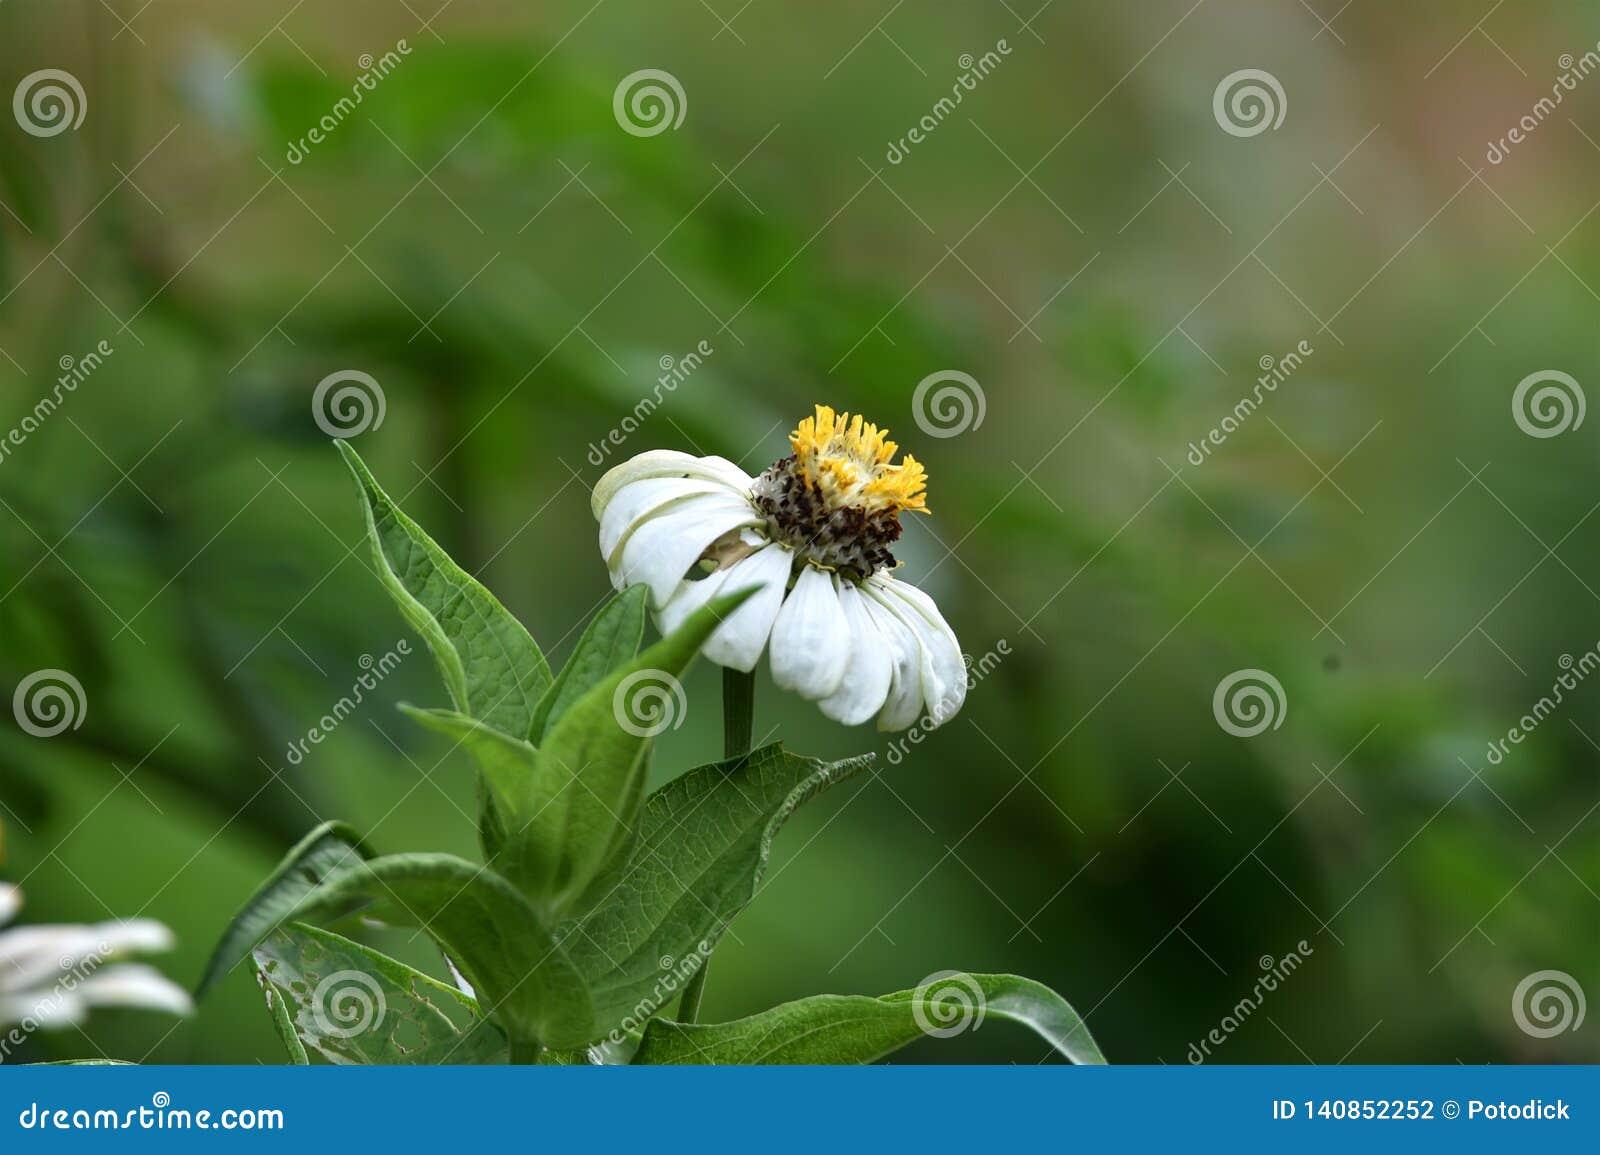 Biali kwiaty które kwitną w dżdżystym